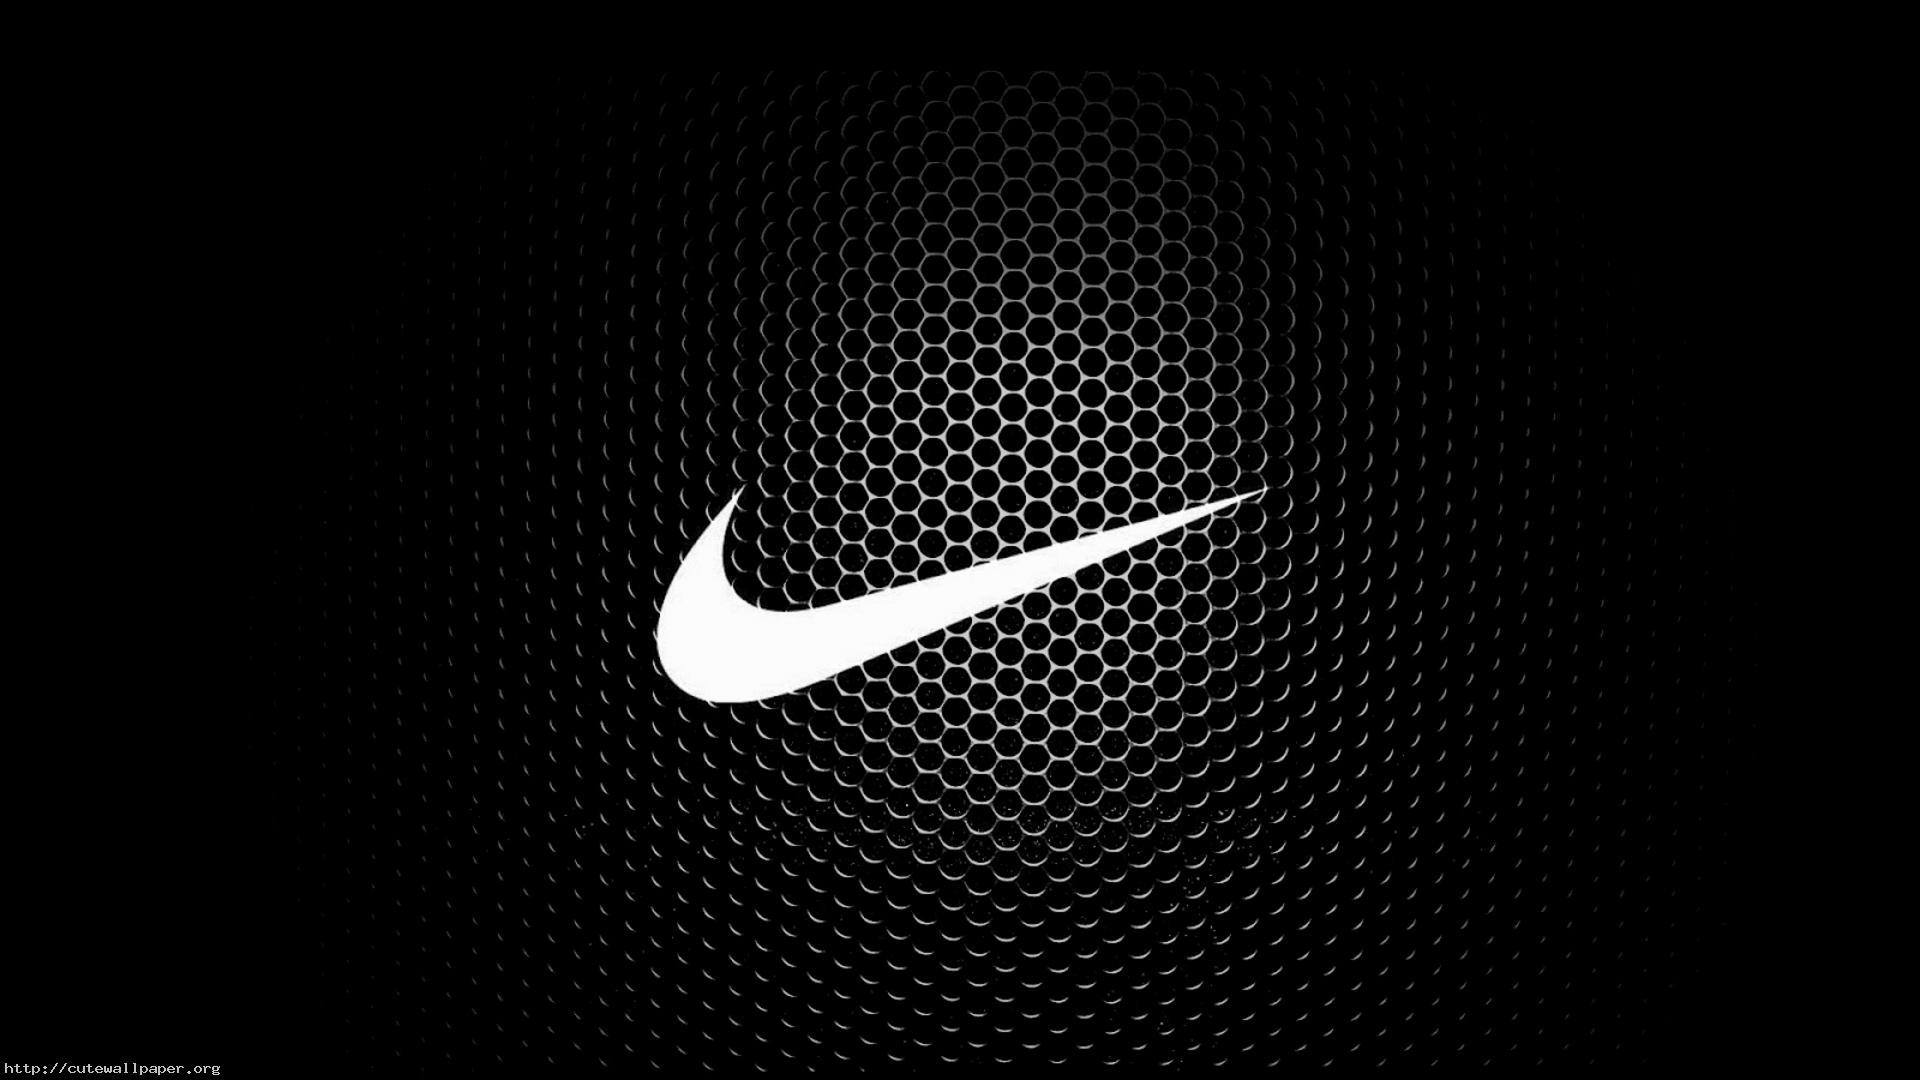 Wonderful Wallpaper Logo Kevin Durant - KD-Background-041  You Should Have_931622.jpg